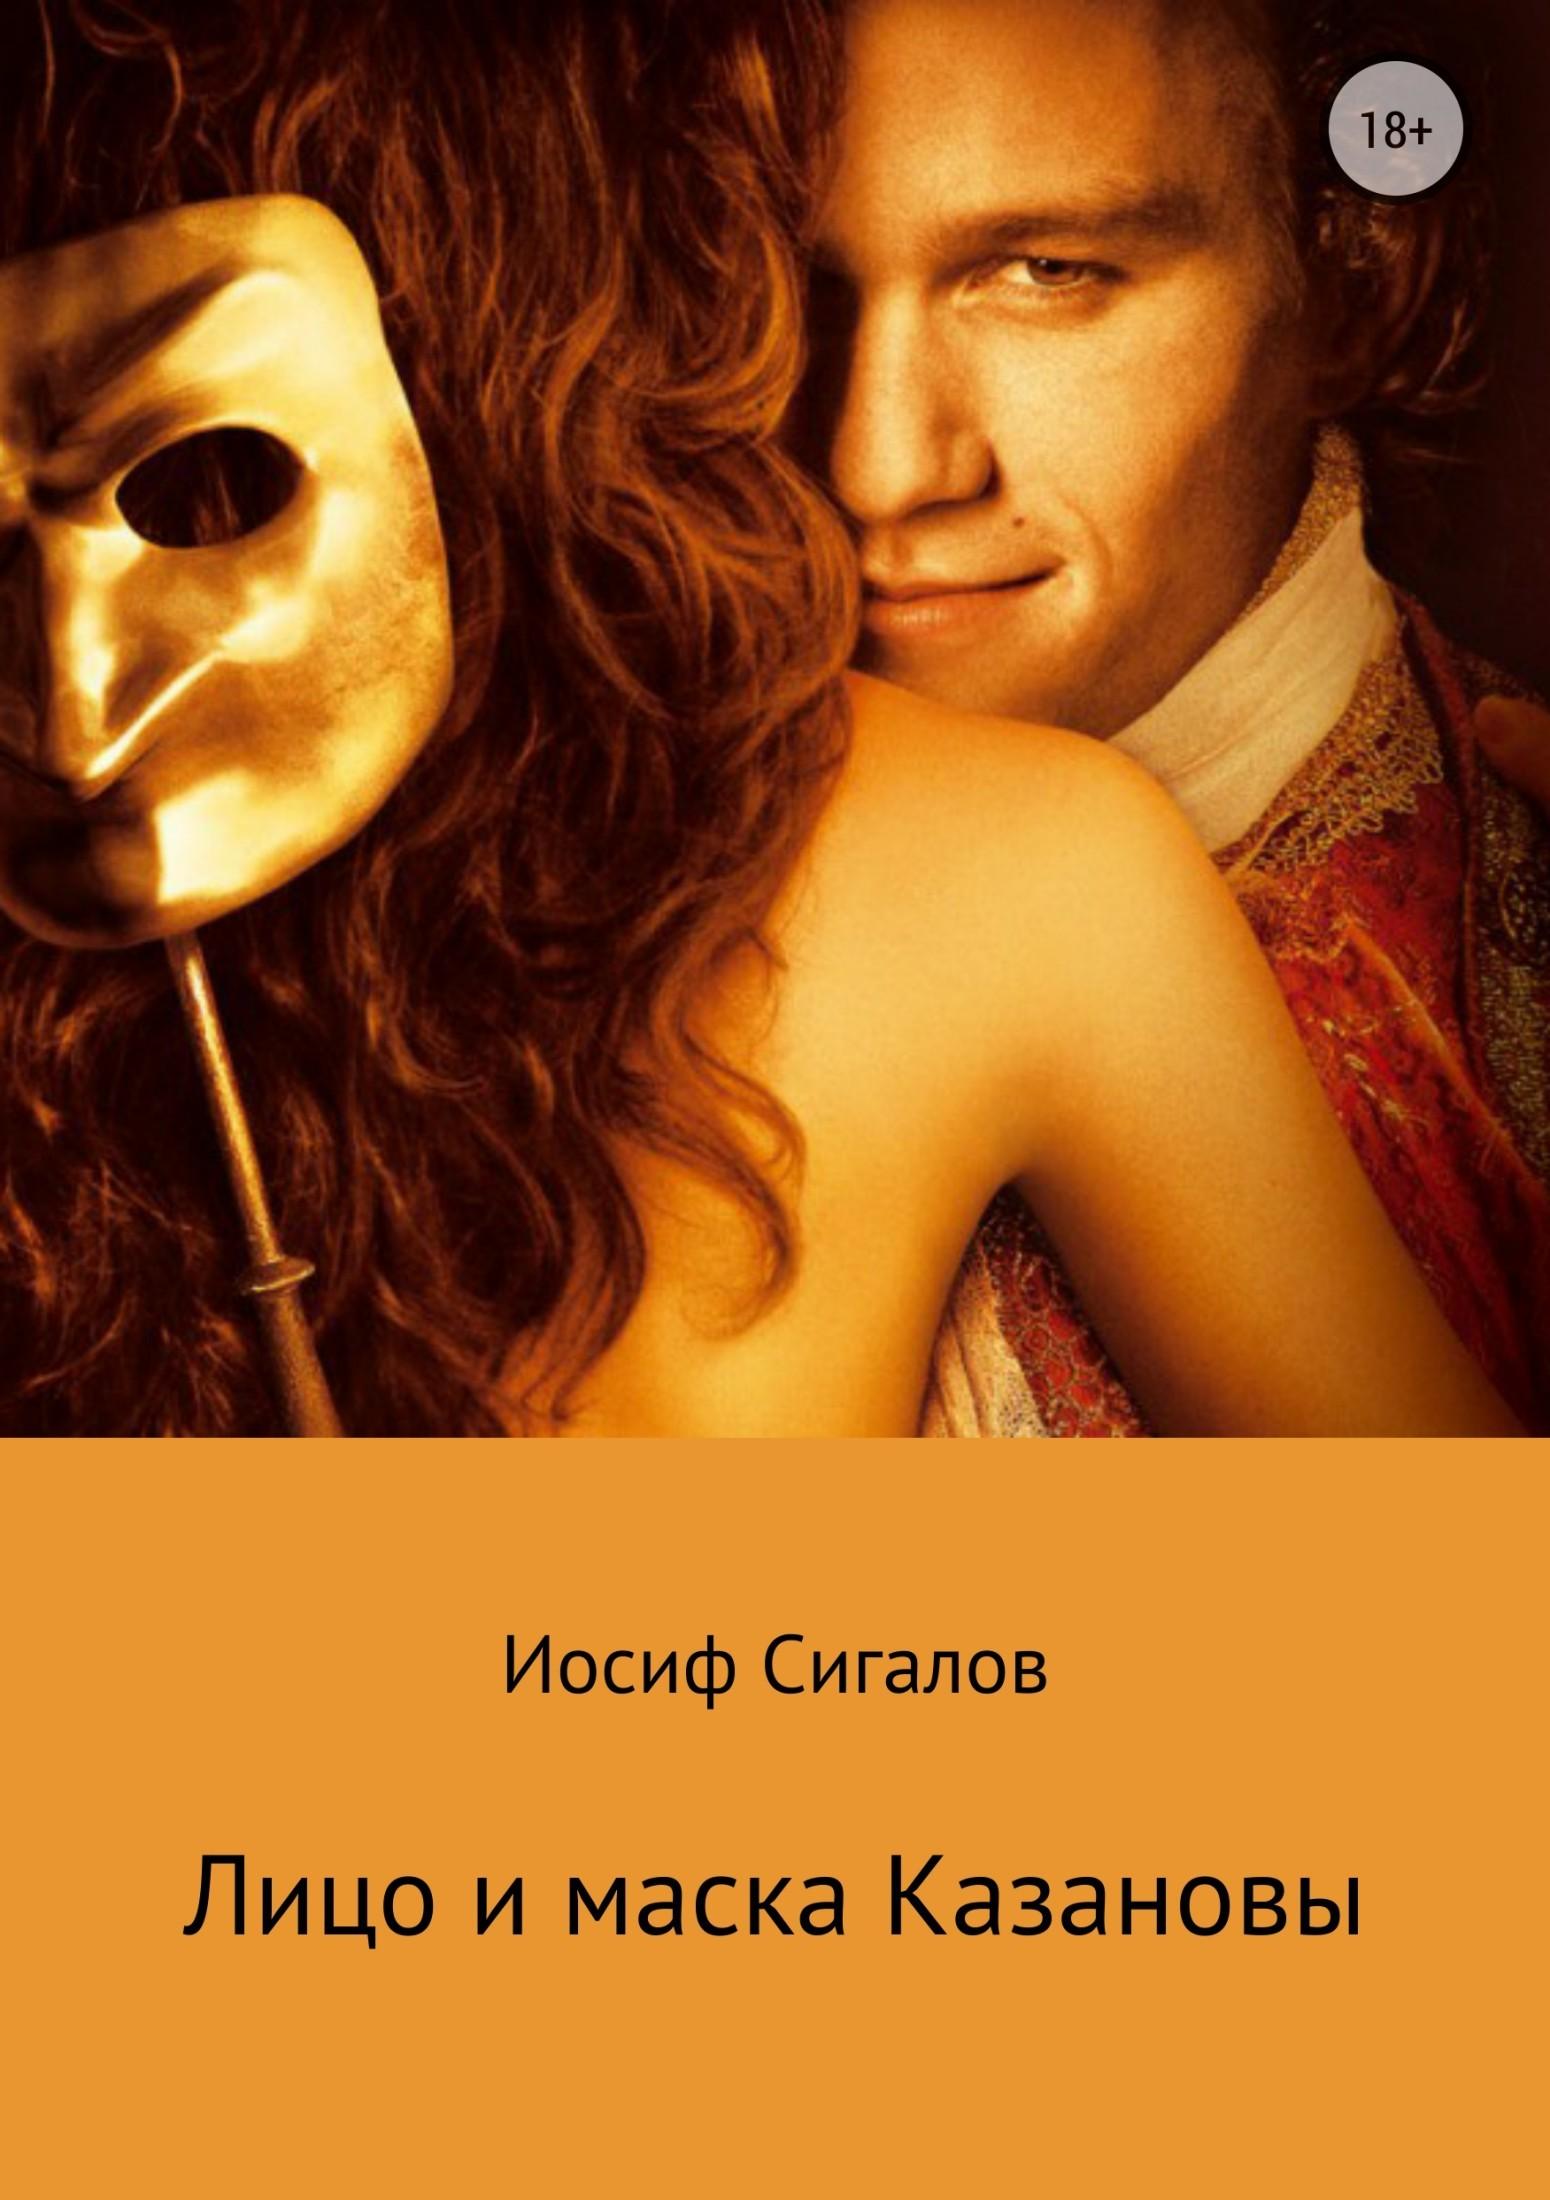 Иосиф Сигалов - Лицо и маска Казановы